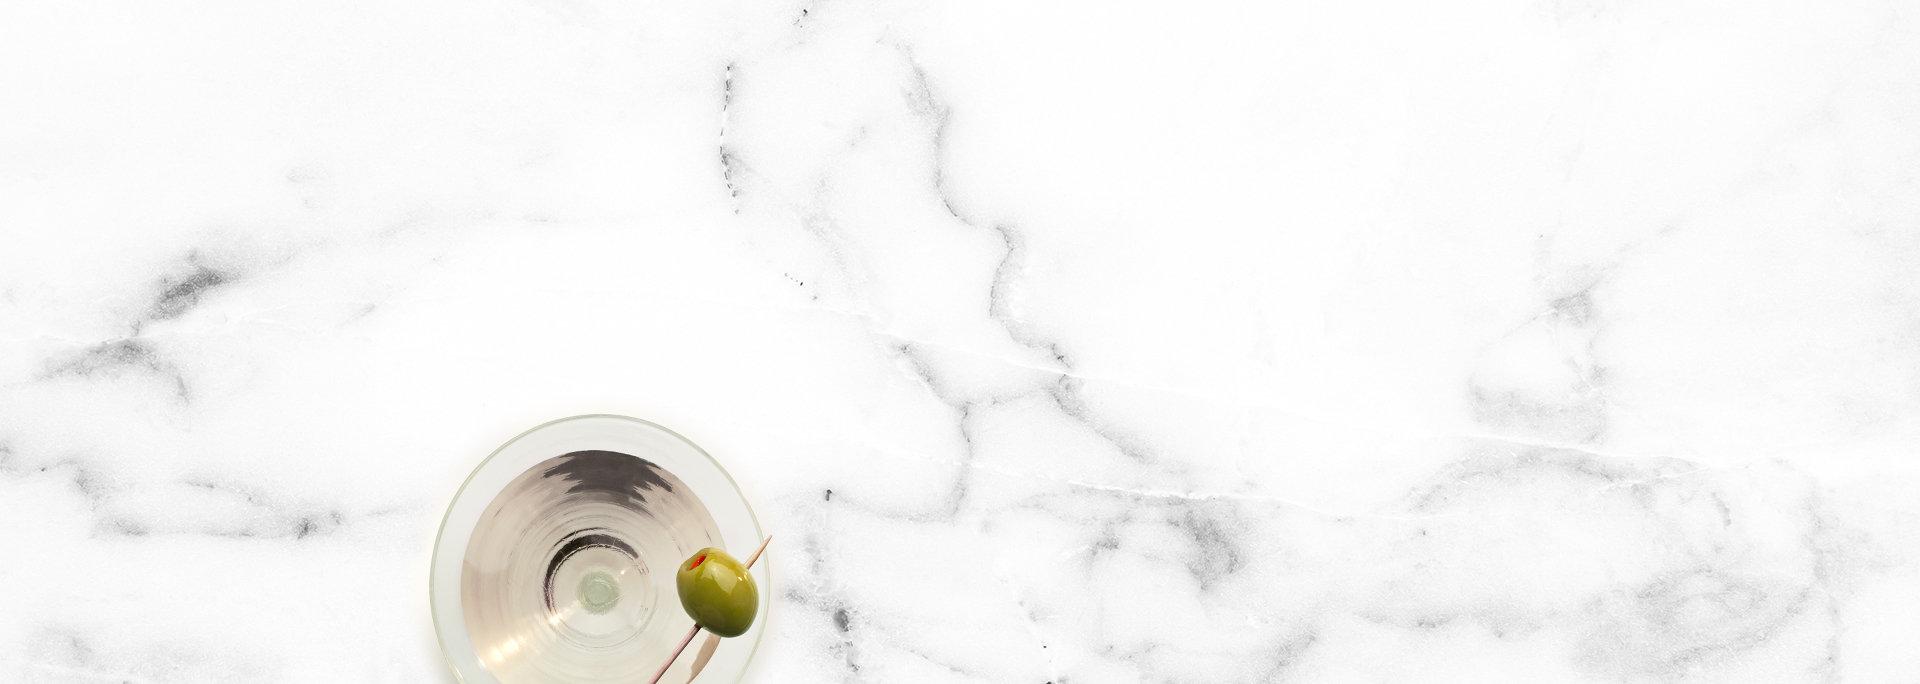 Martini на мраморе